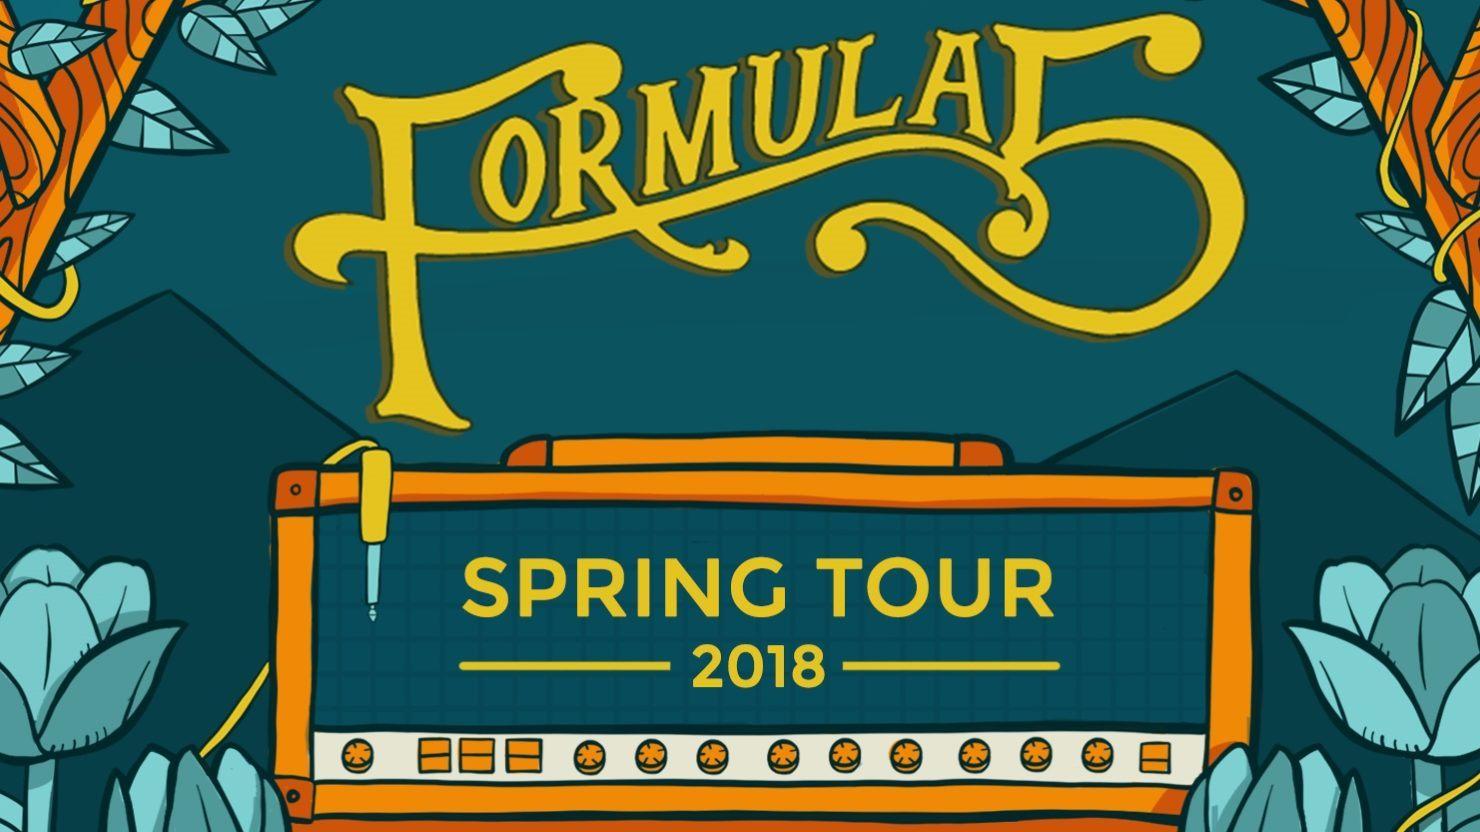 Formula 5 Announces 2018 Spring Tour & Rock The Dock Festival Lineup